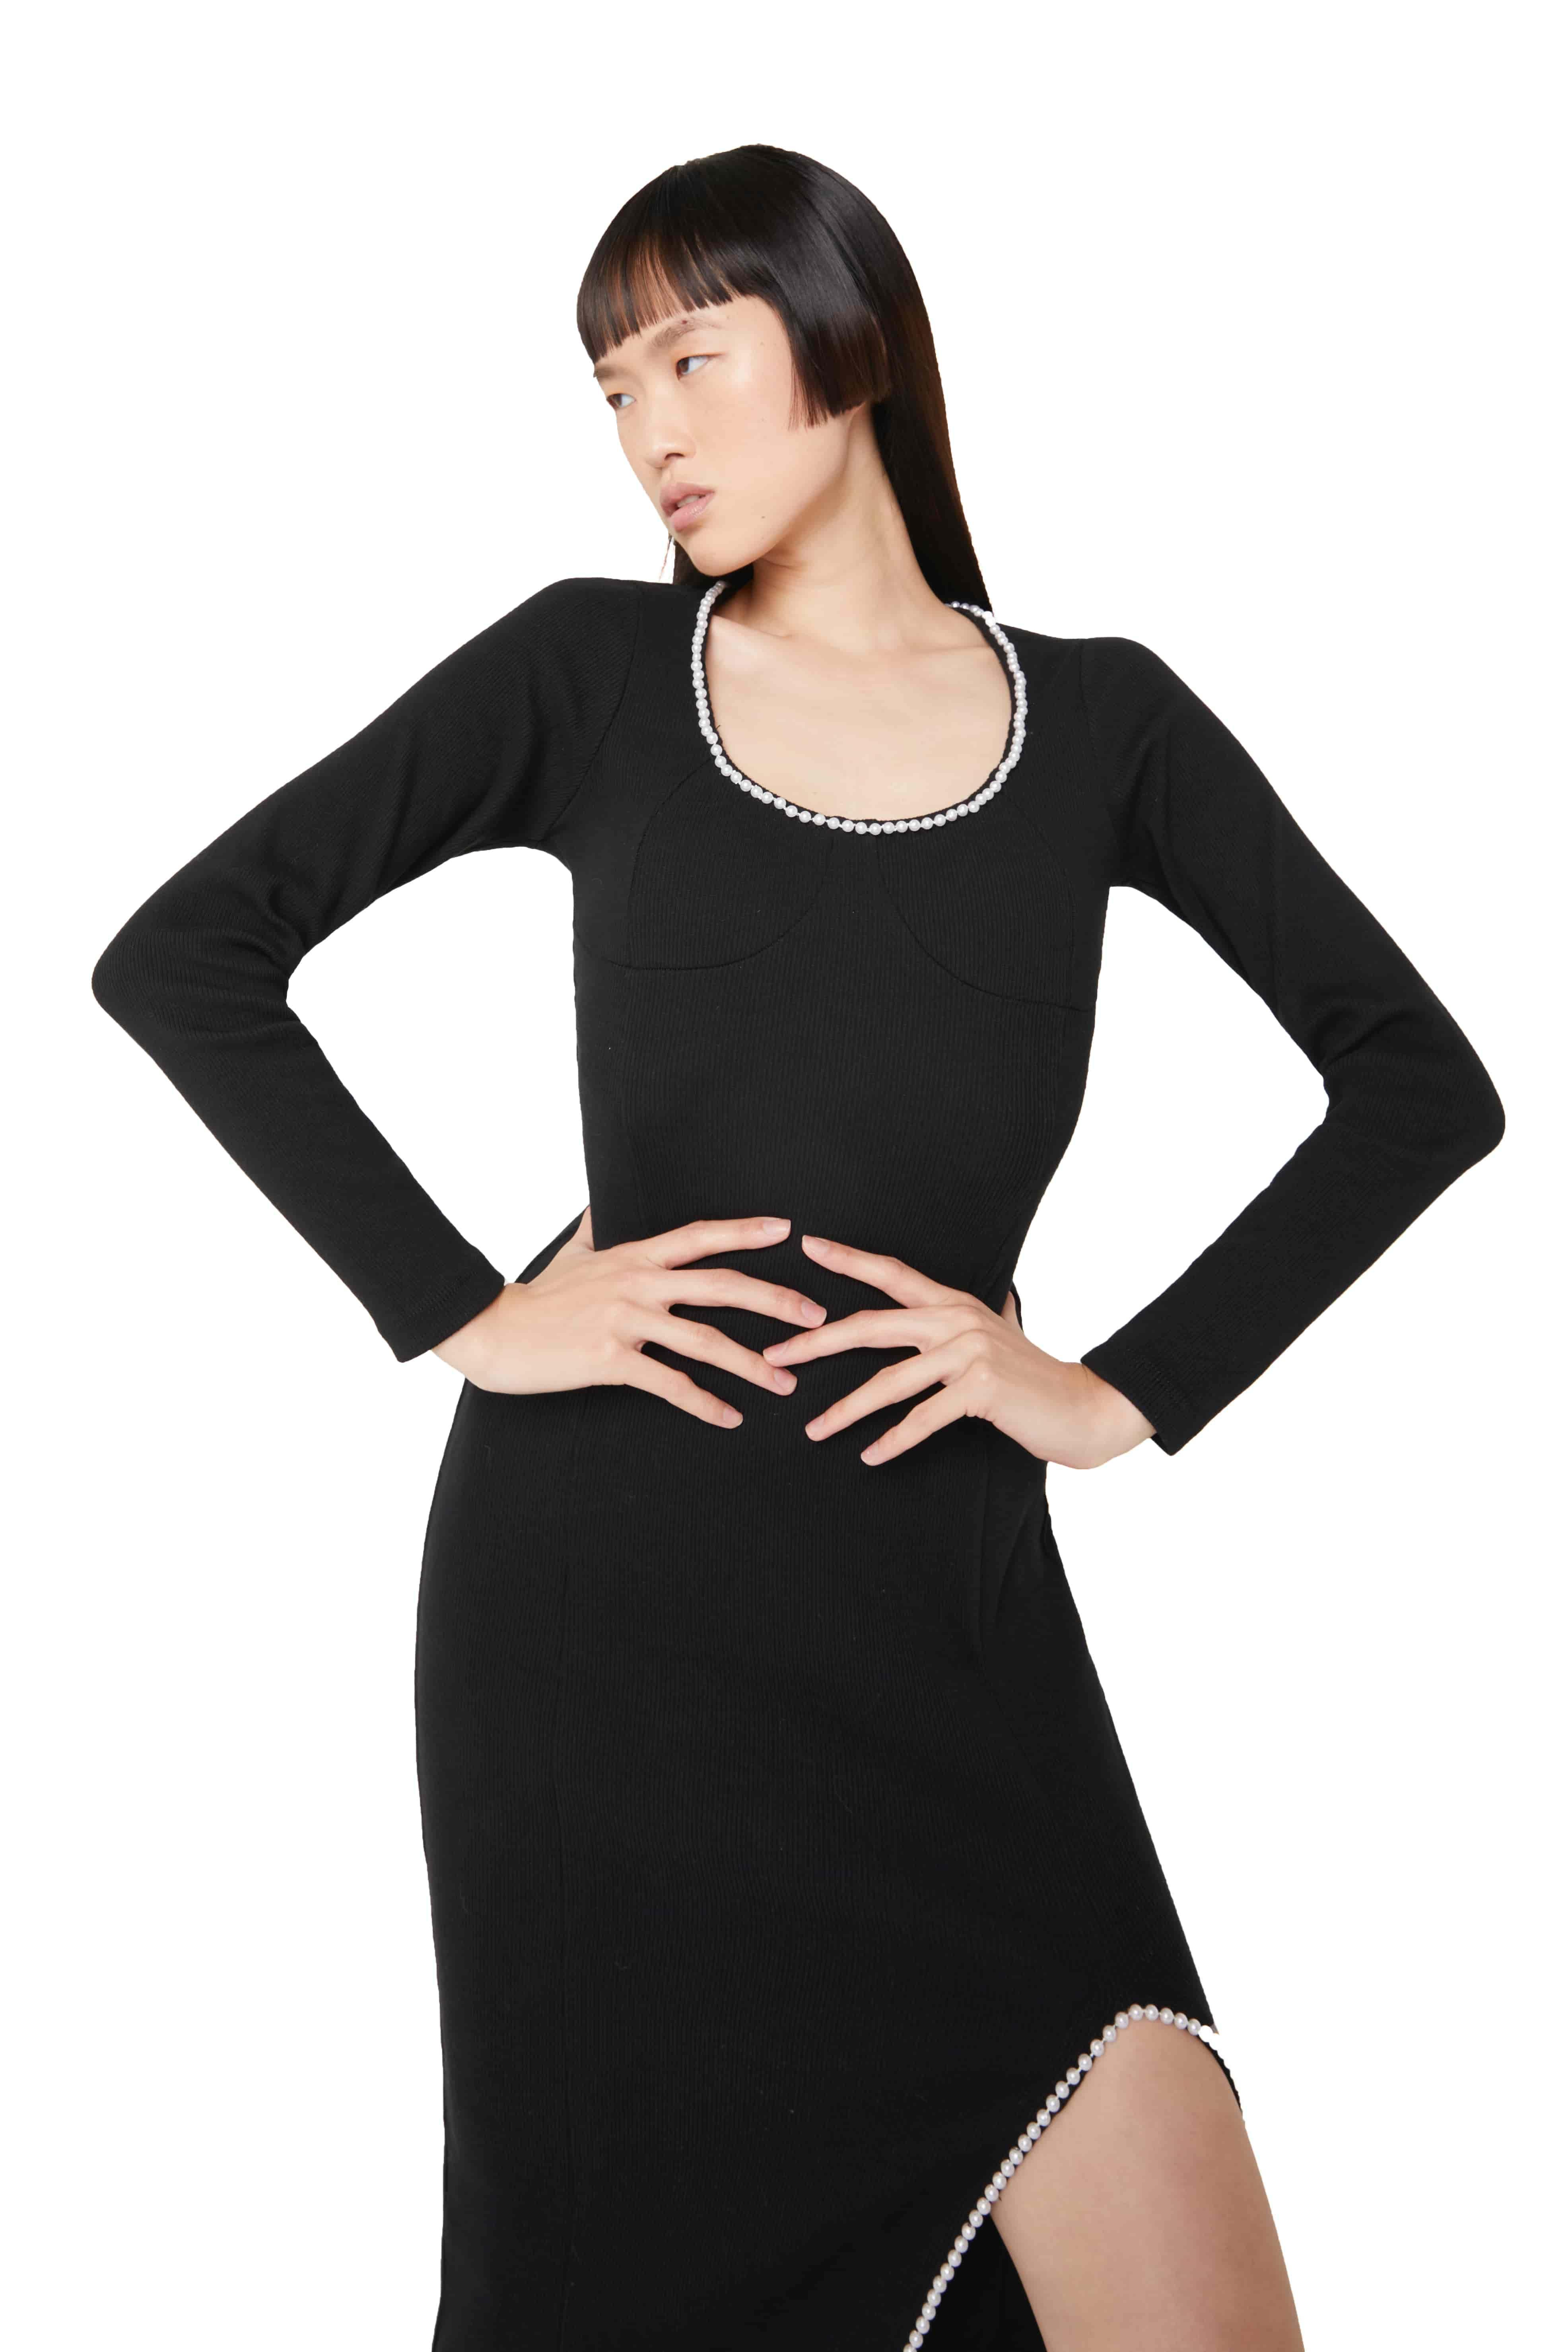 View 2 of model wearing Kmeya Maxi Dress in black.